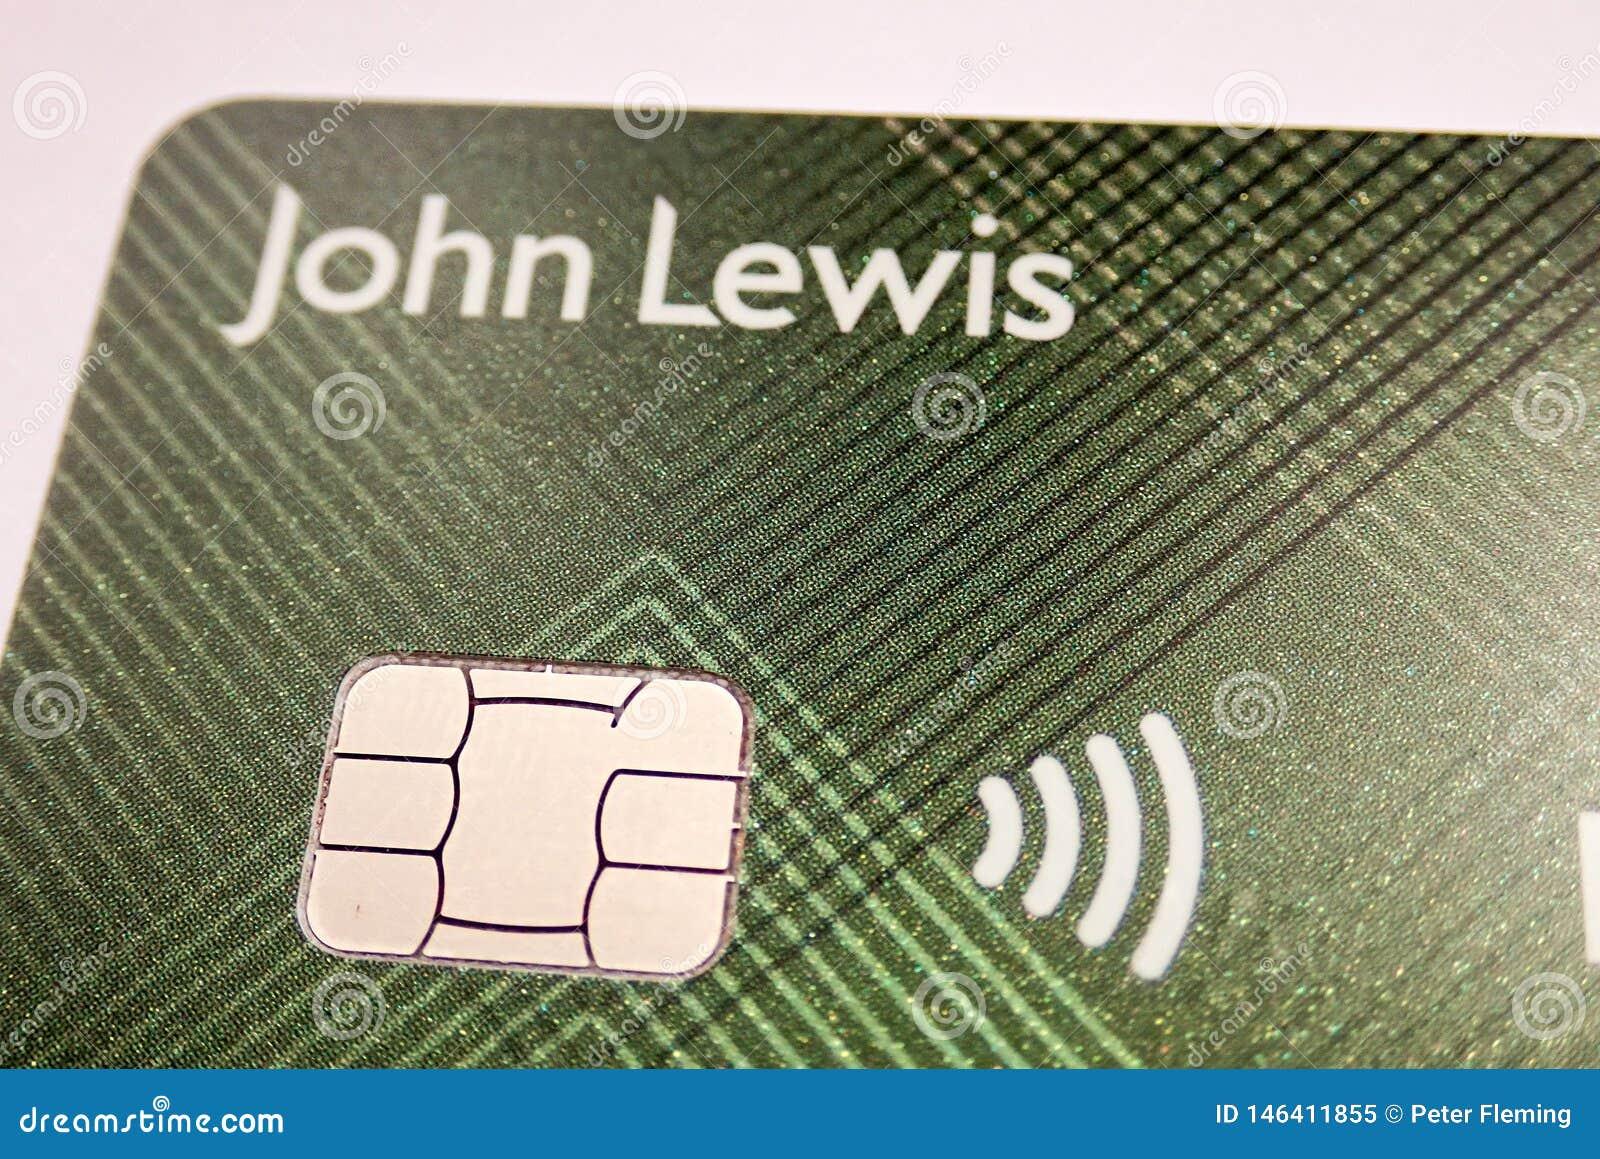 Κινηματογράφηση σε πρώτο πλάνο του John Lewis και της κάρτας συνεργασίας Waitrose